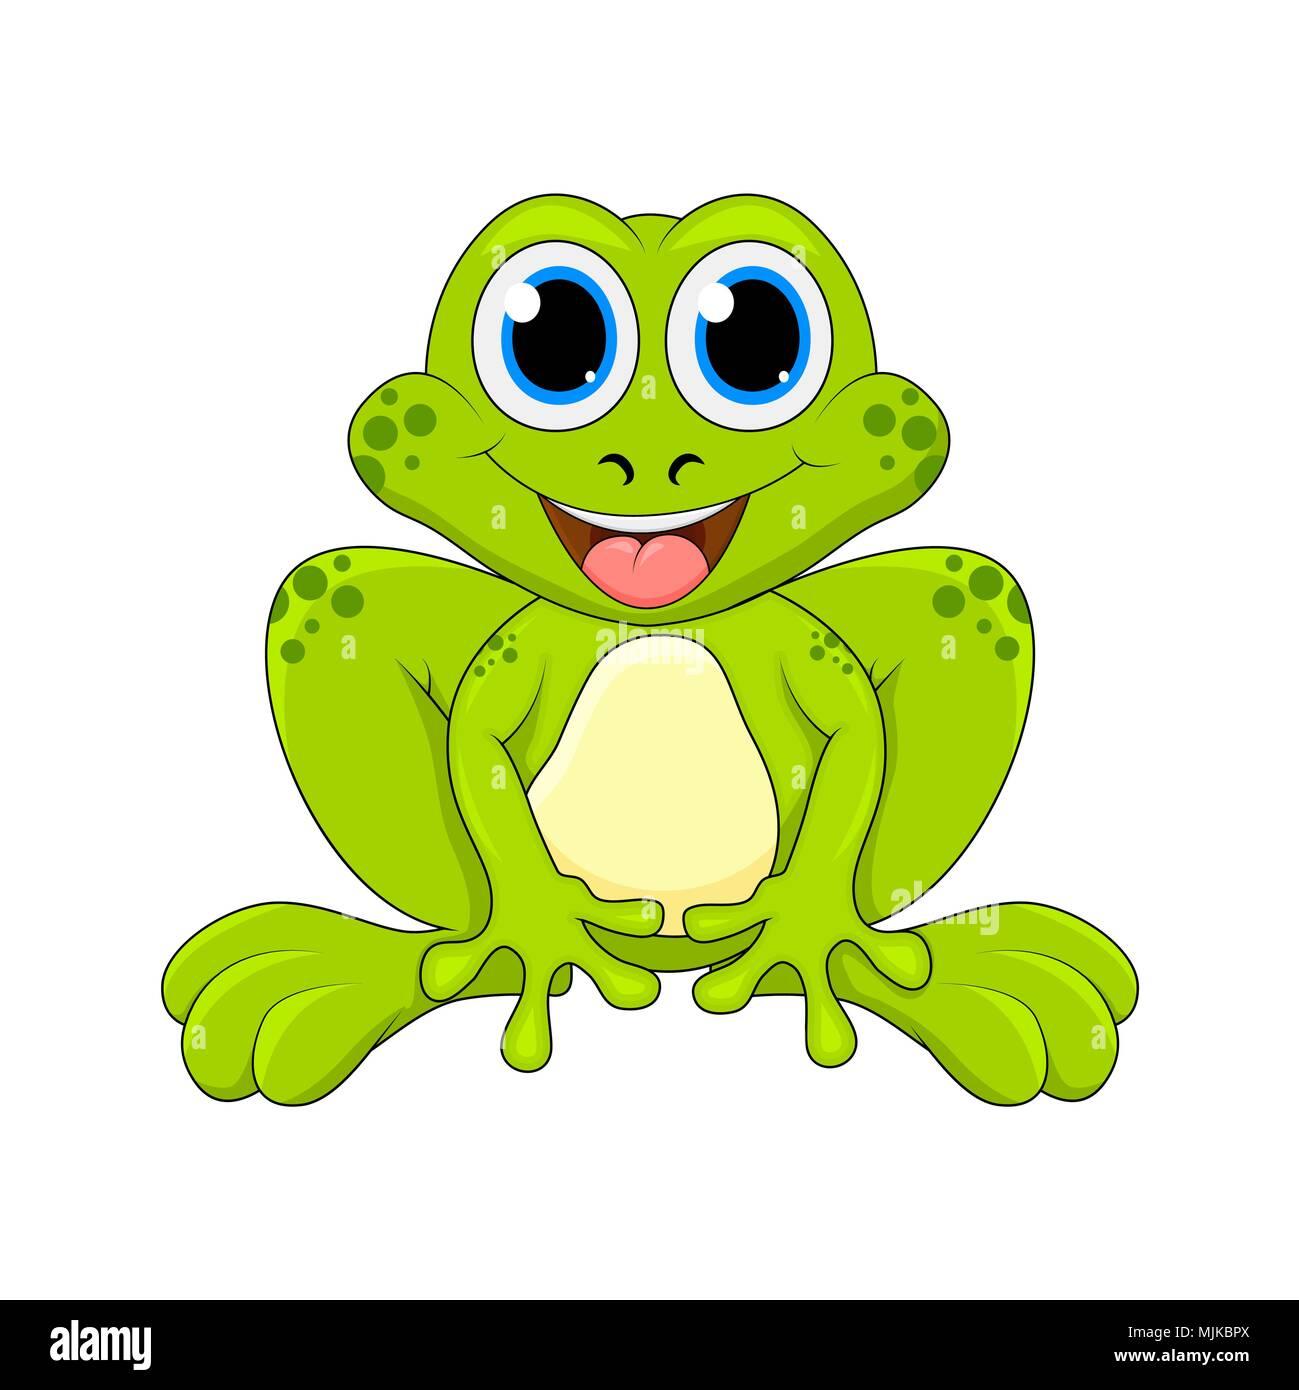 Cartoon Frosch Cute Zeichen Auf Weißem Hintergrund Vektor Abbildung